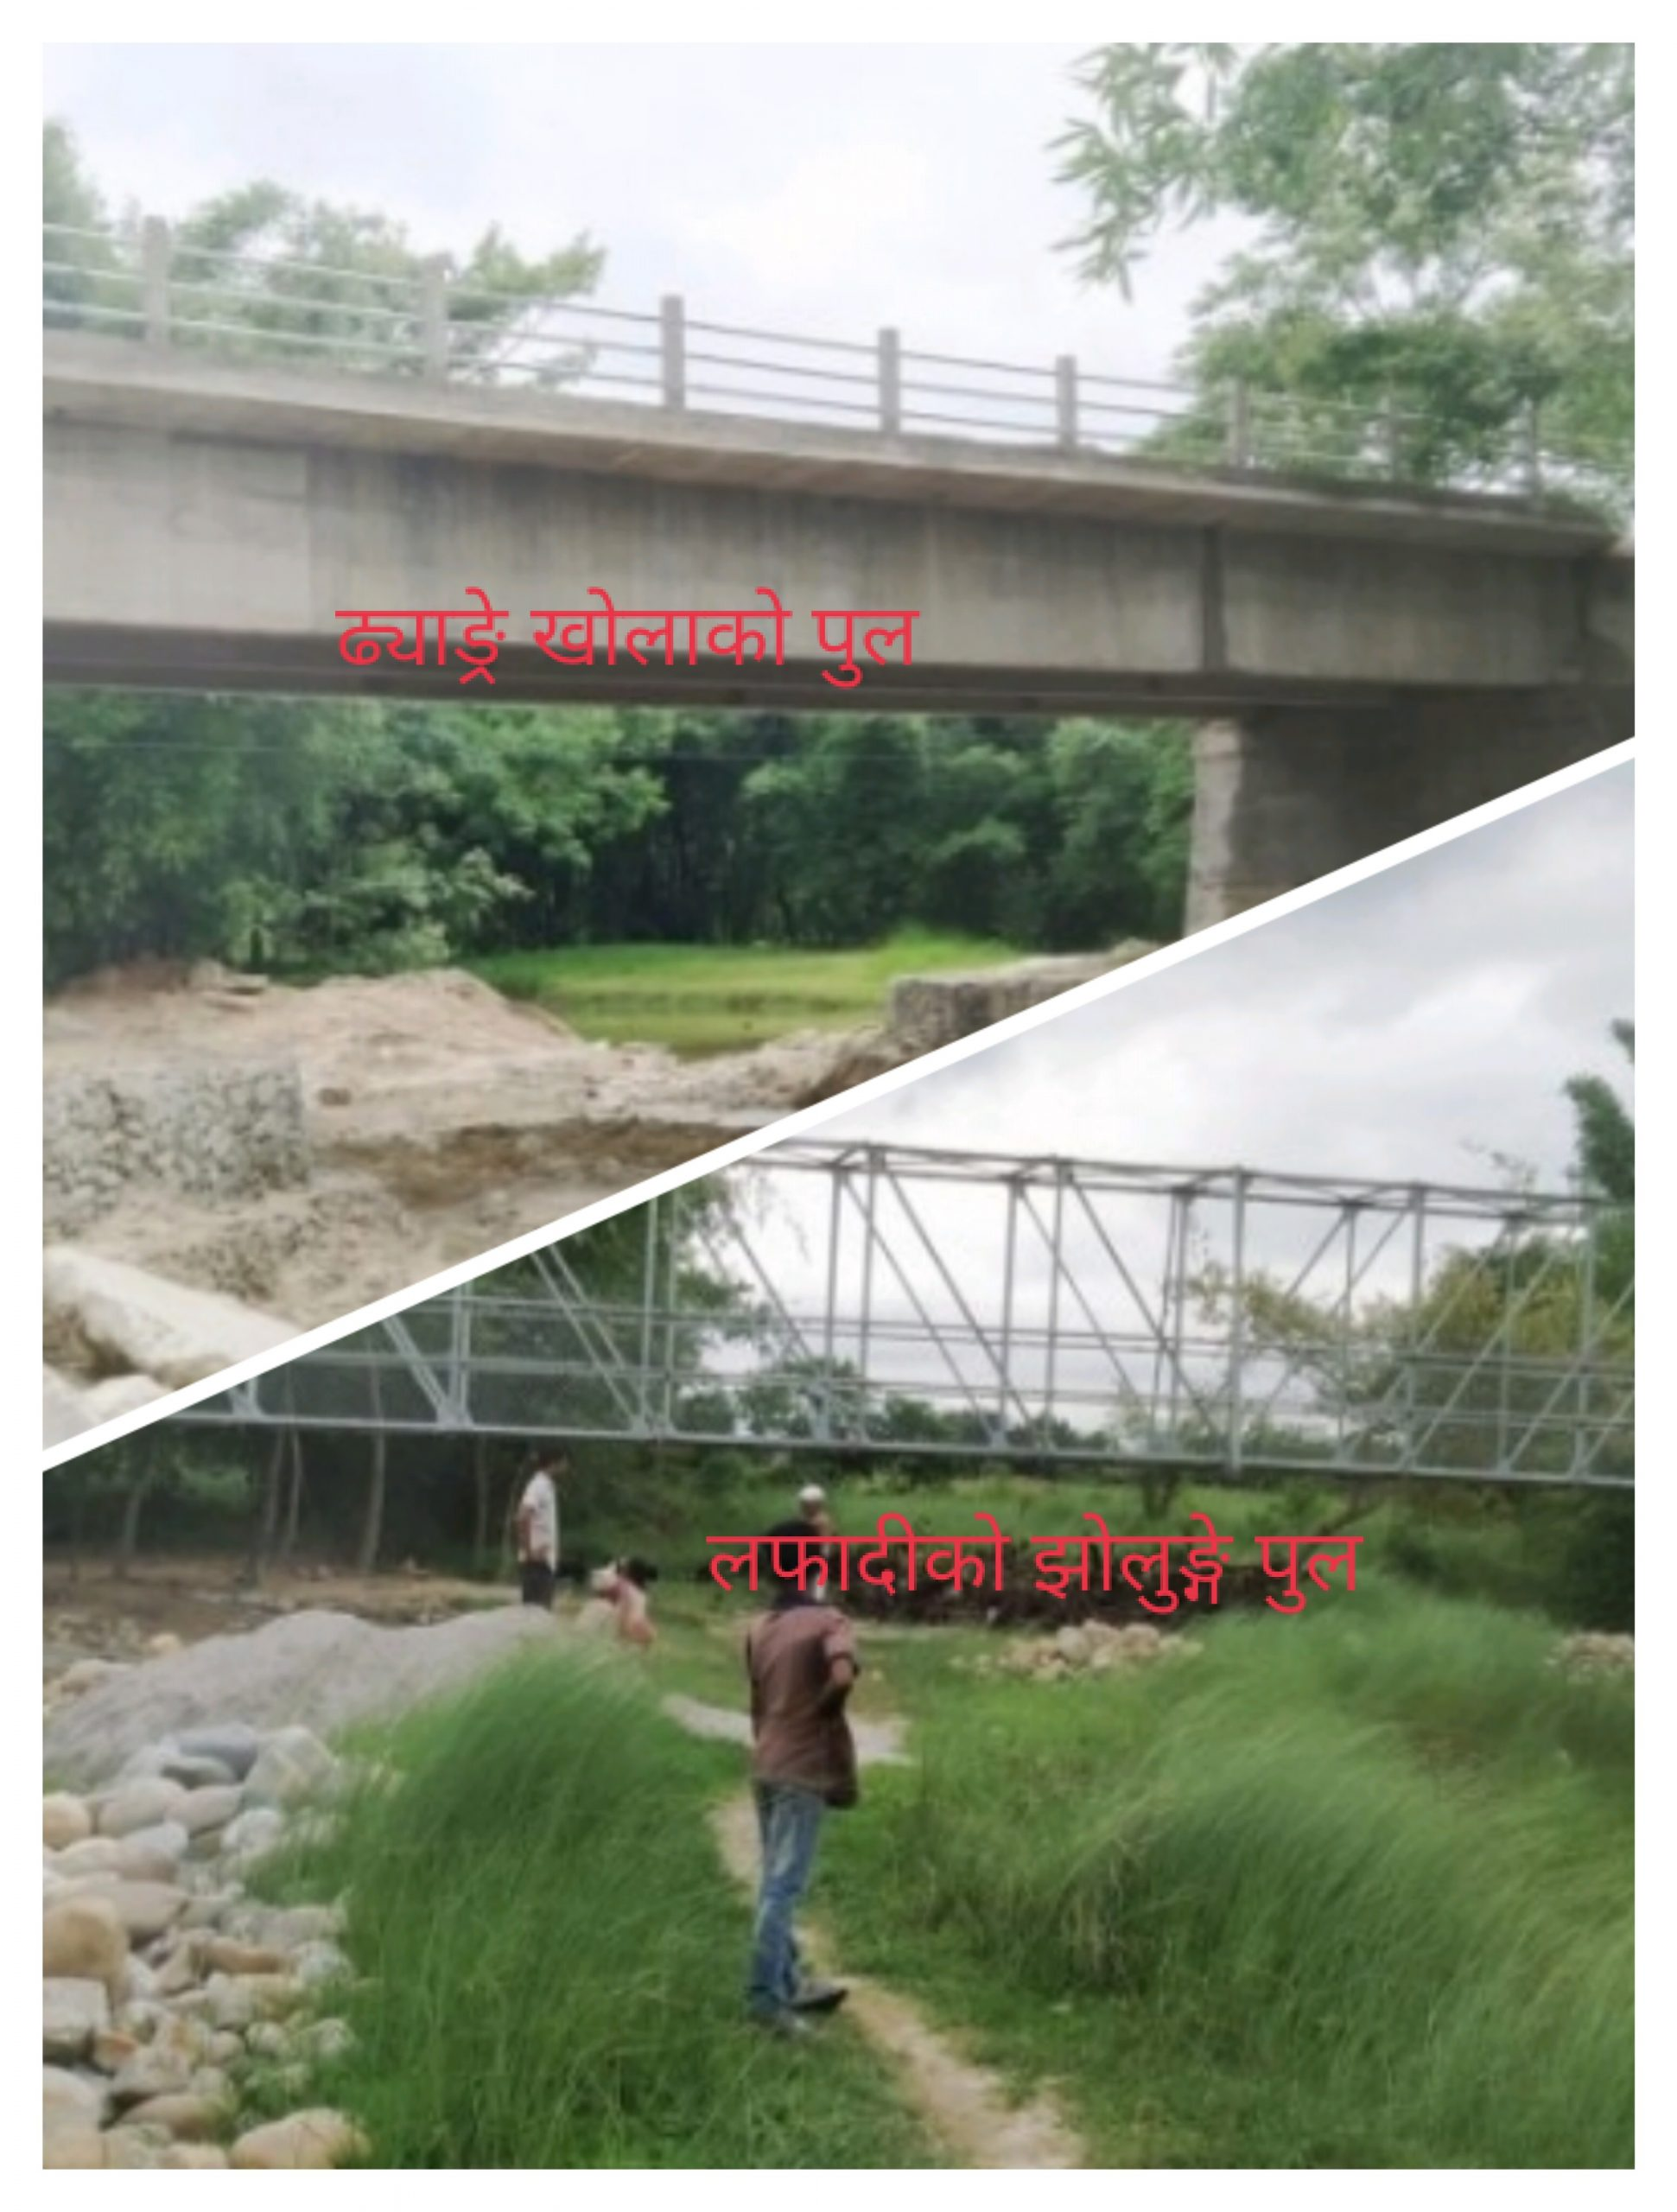 ढ्याङ्ग्रे र लफादीमा पुल बनेपछि बर्षाैंकाे सास्तीबाट स्थानीयलाई मुक्ति